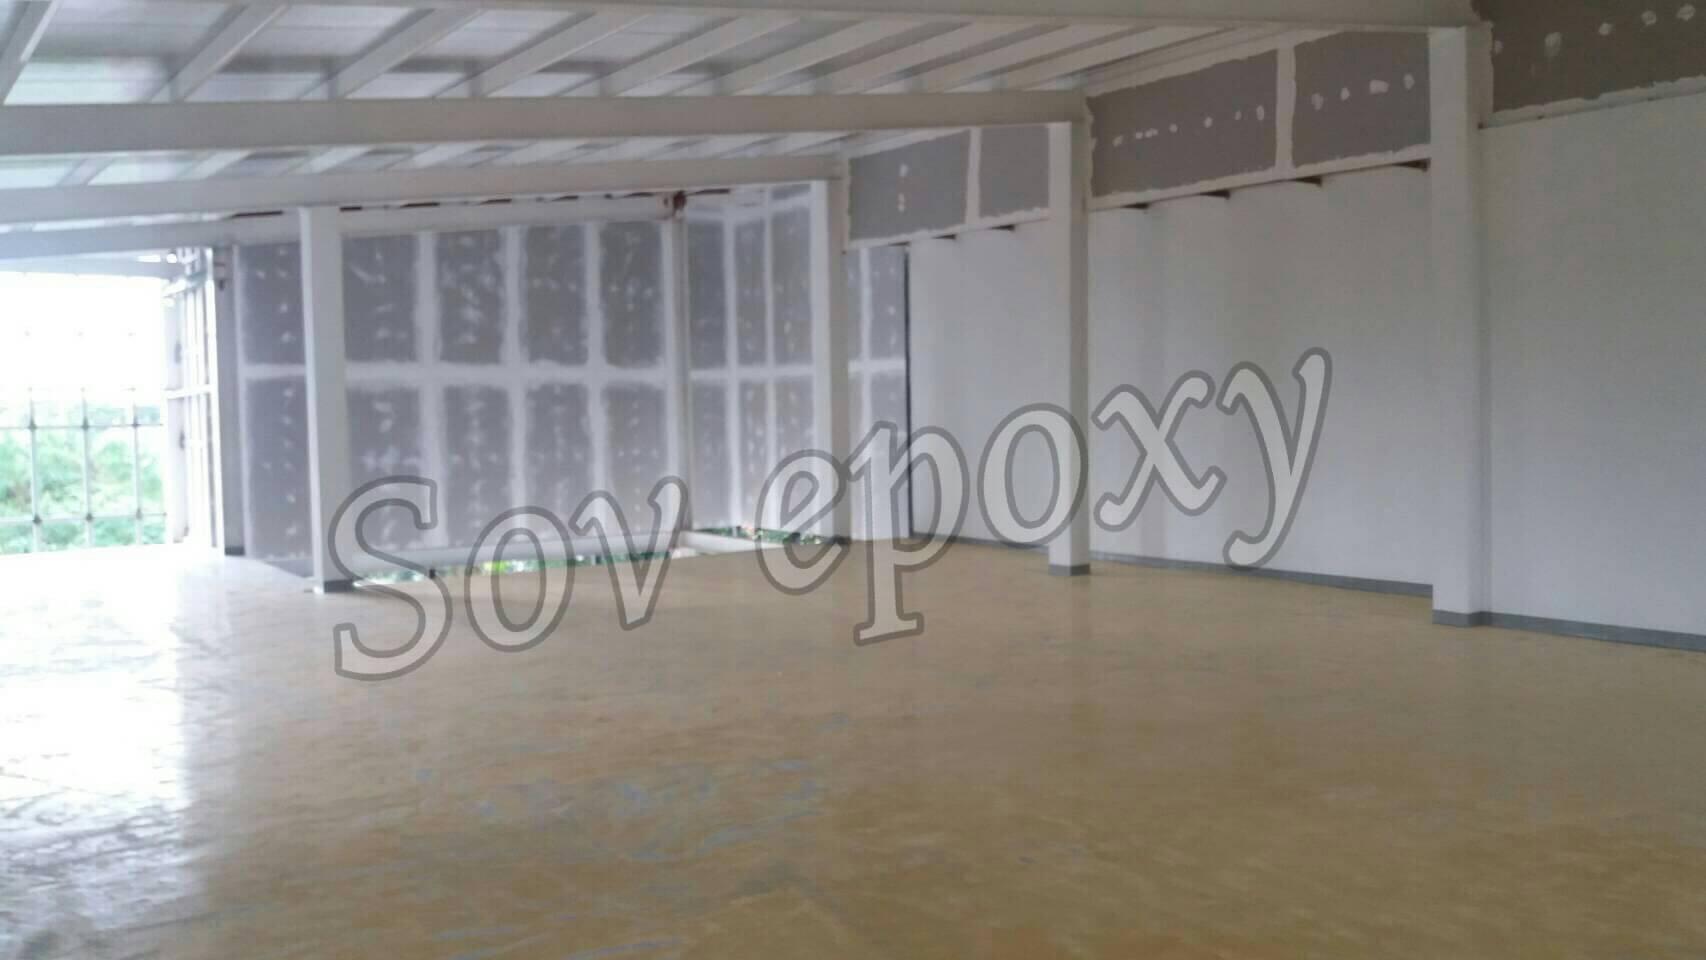 โครงการ โรงงานเก็บสินค้าอิเล็คทรอนิคส์ จ.ลพบุรี 15